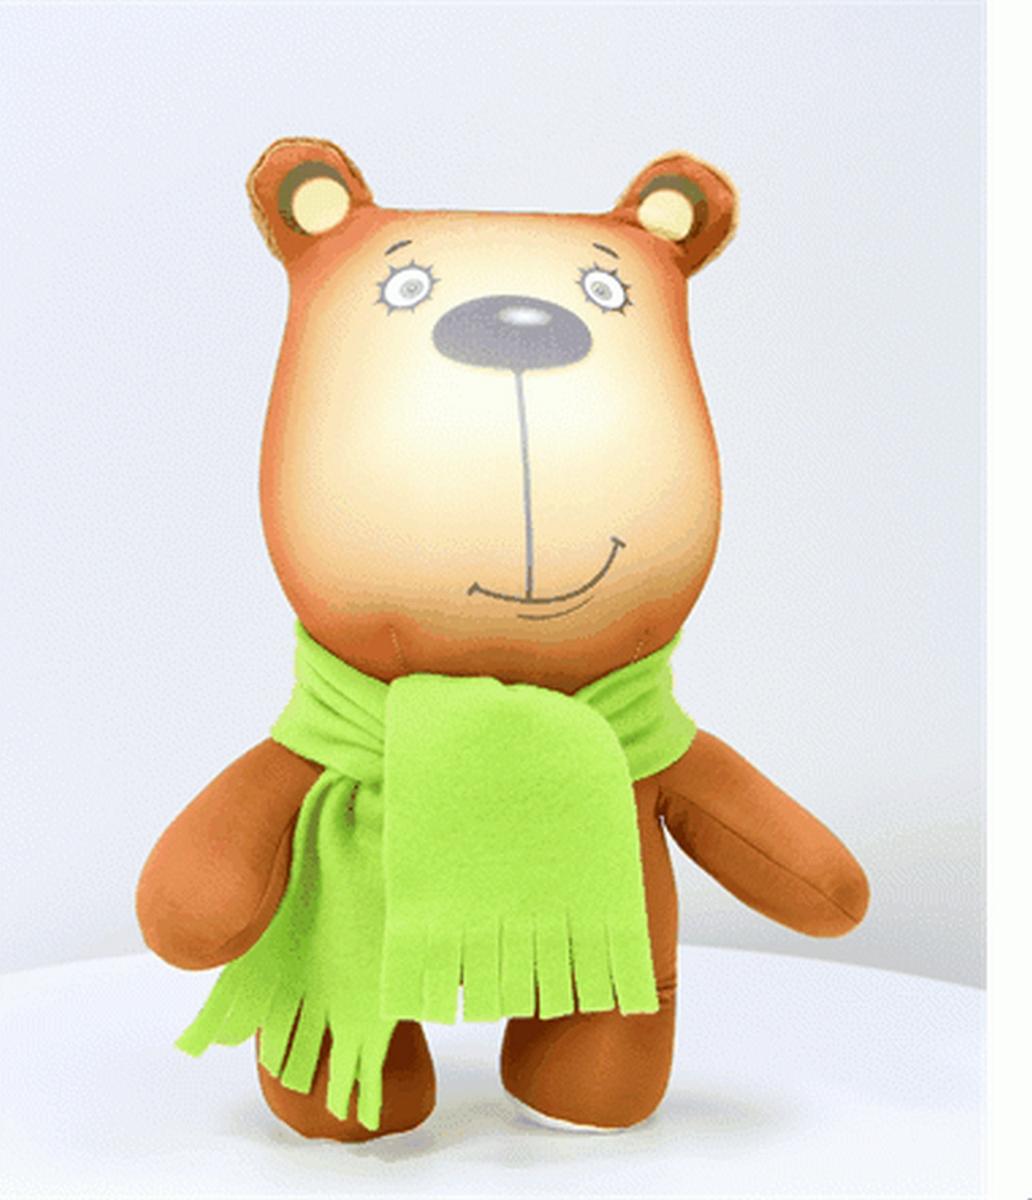 Игрушка антистресс Штучки, к которым тянутся ручки Звери в шарфах Медведь